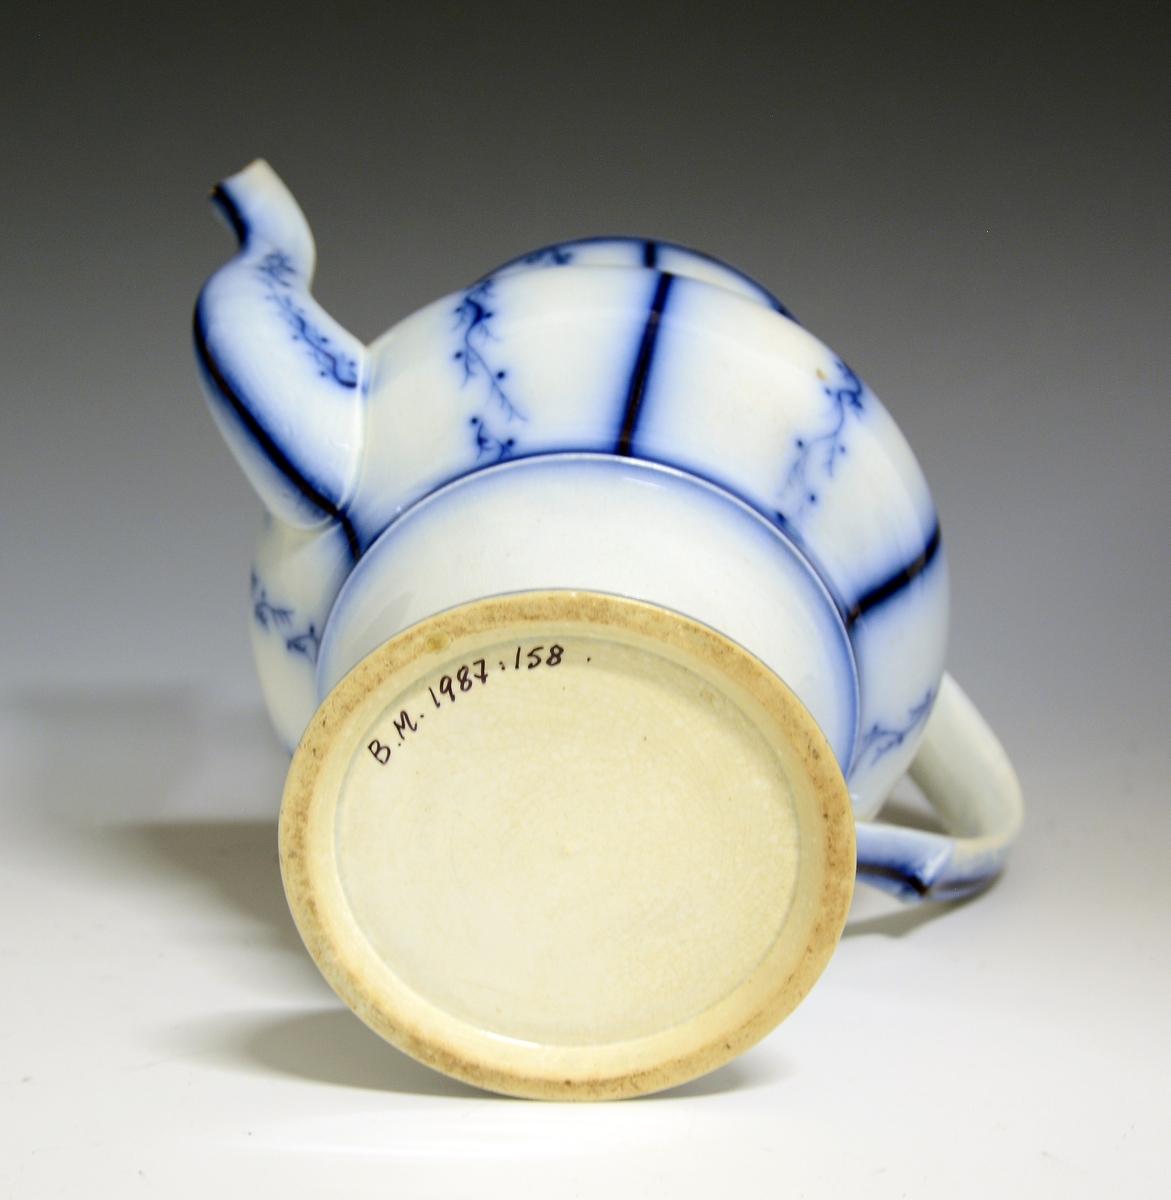 Prot: Kaffekanne med blå strek- og bølge-dekor. Hanken er C-formet. Tuten er noe skadet. Gjenstanden bærer ikke noe firma/fabrikkmerke.